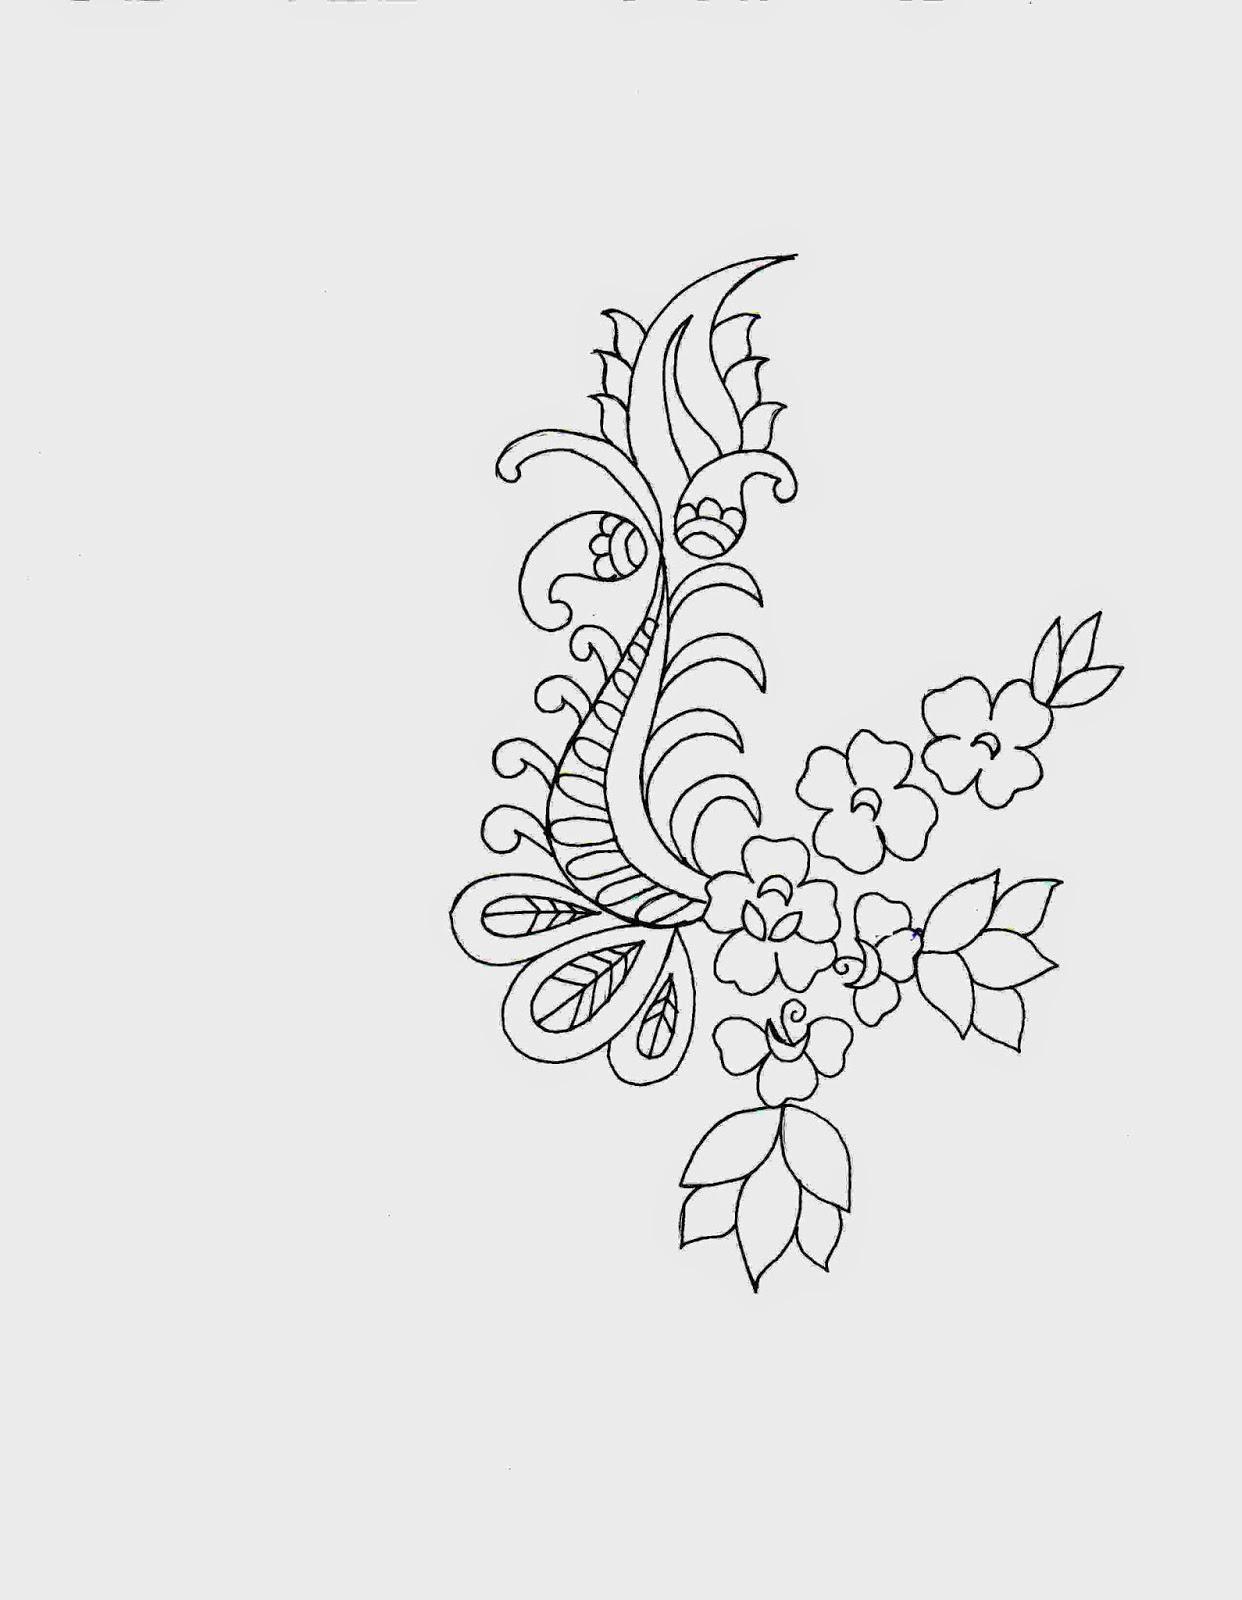 kleurvolle Applique Skets ontwerp